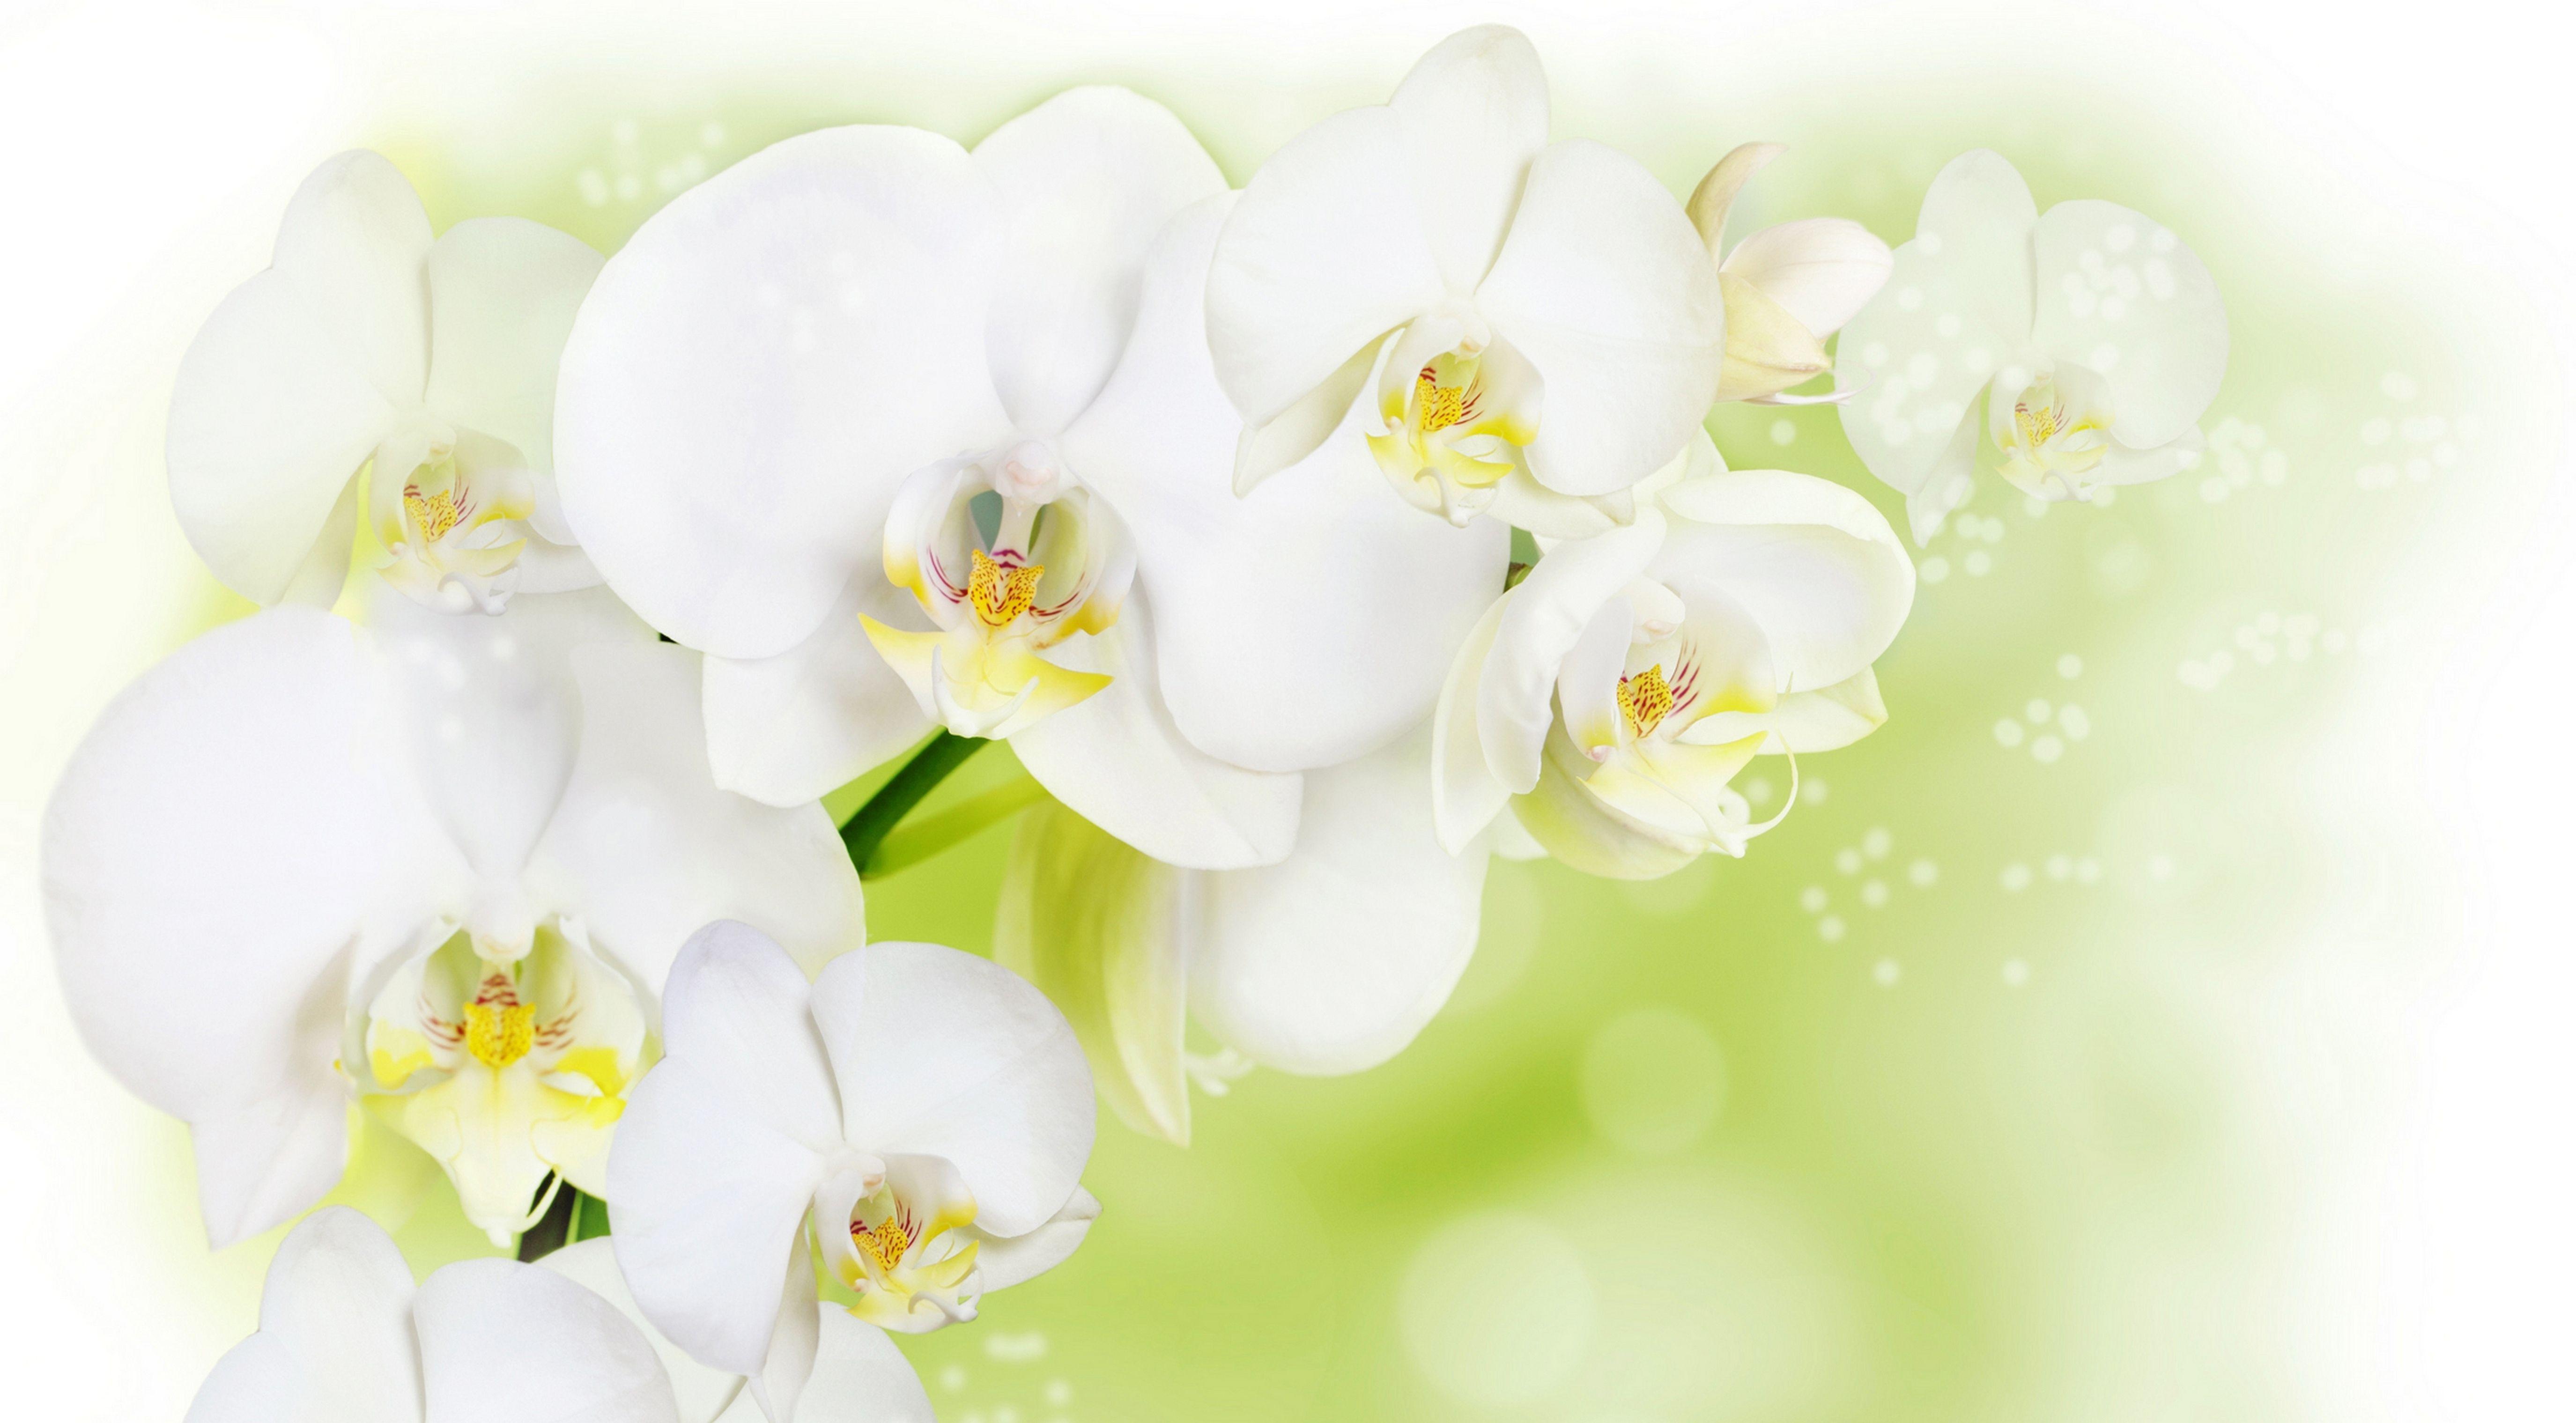 картинки с цветами большого разрешения для печати выложила фото